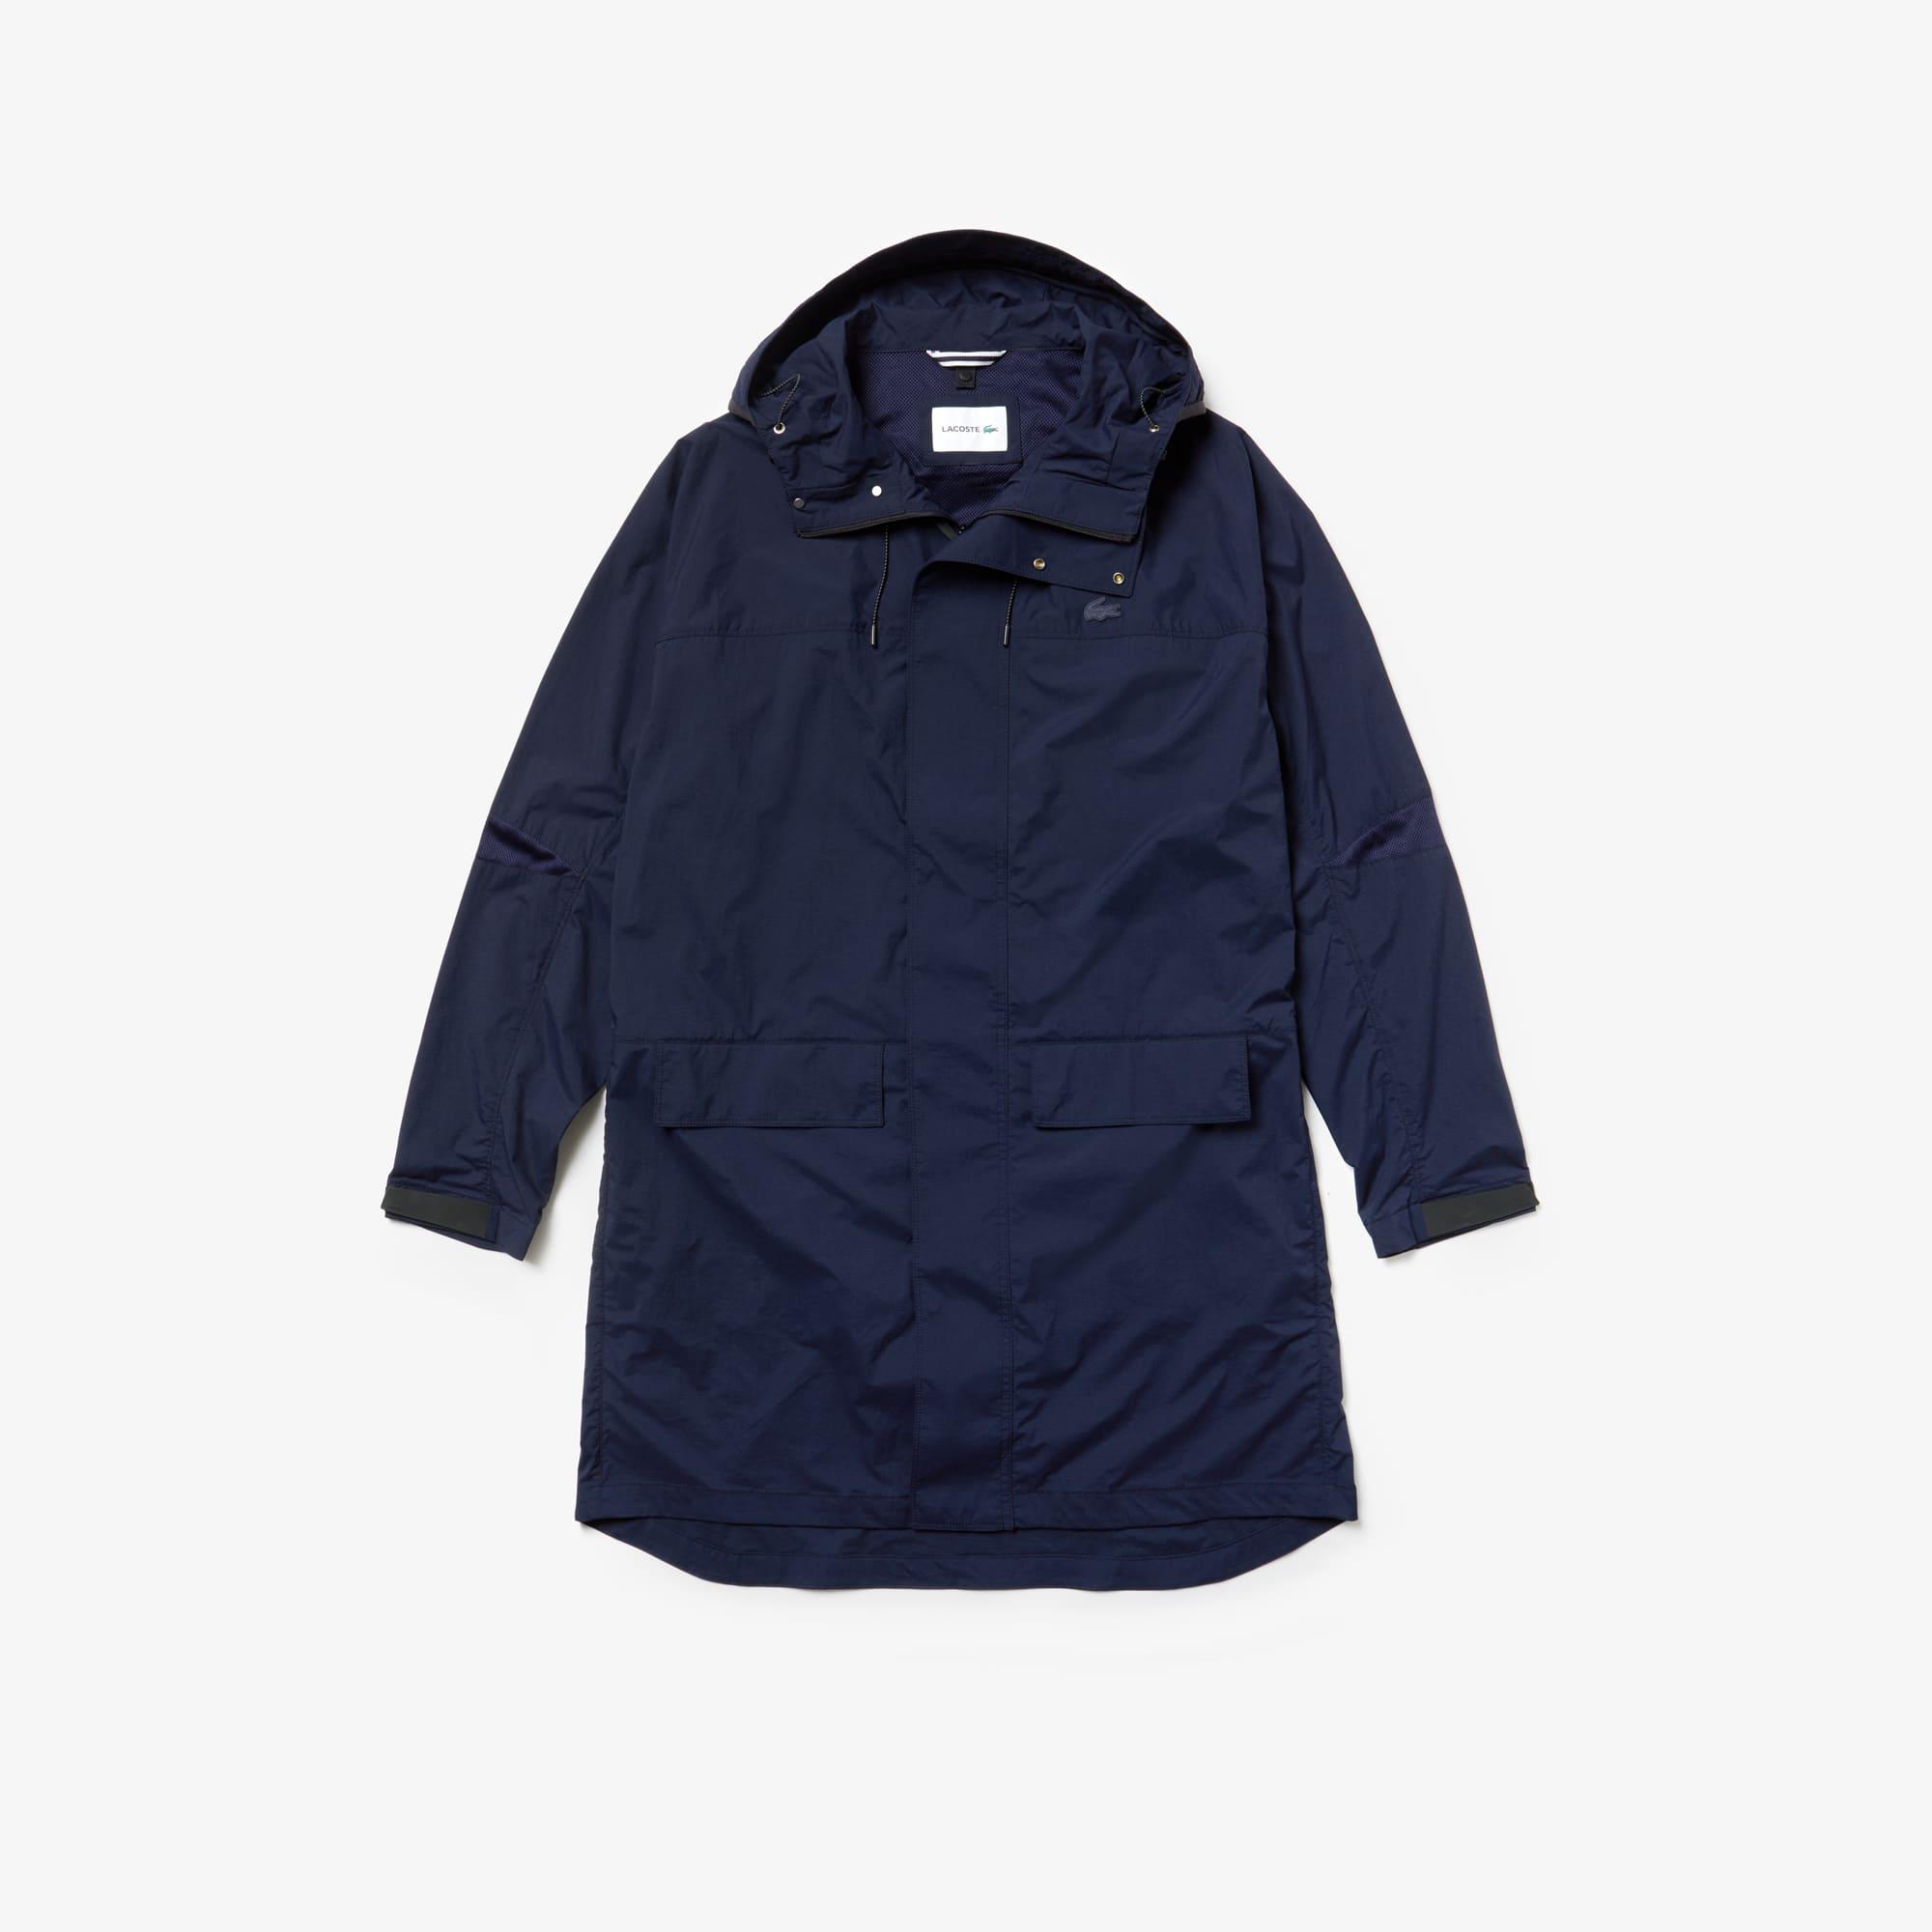 amp; Blousons Vêtements Lacoste Homme Manteaux d5qXOEw5